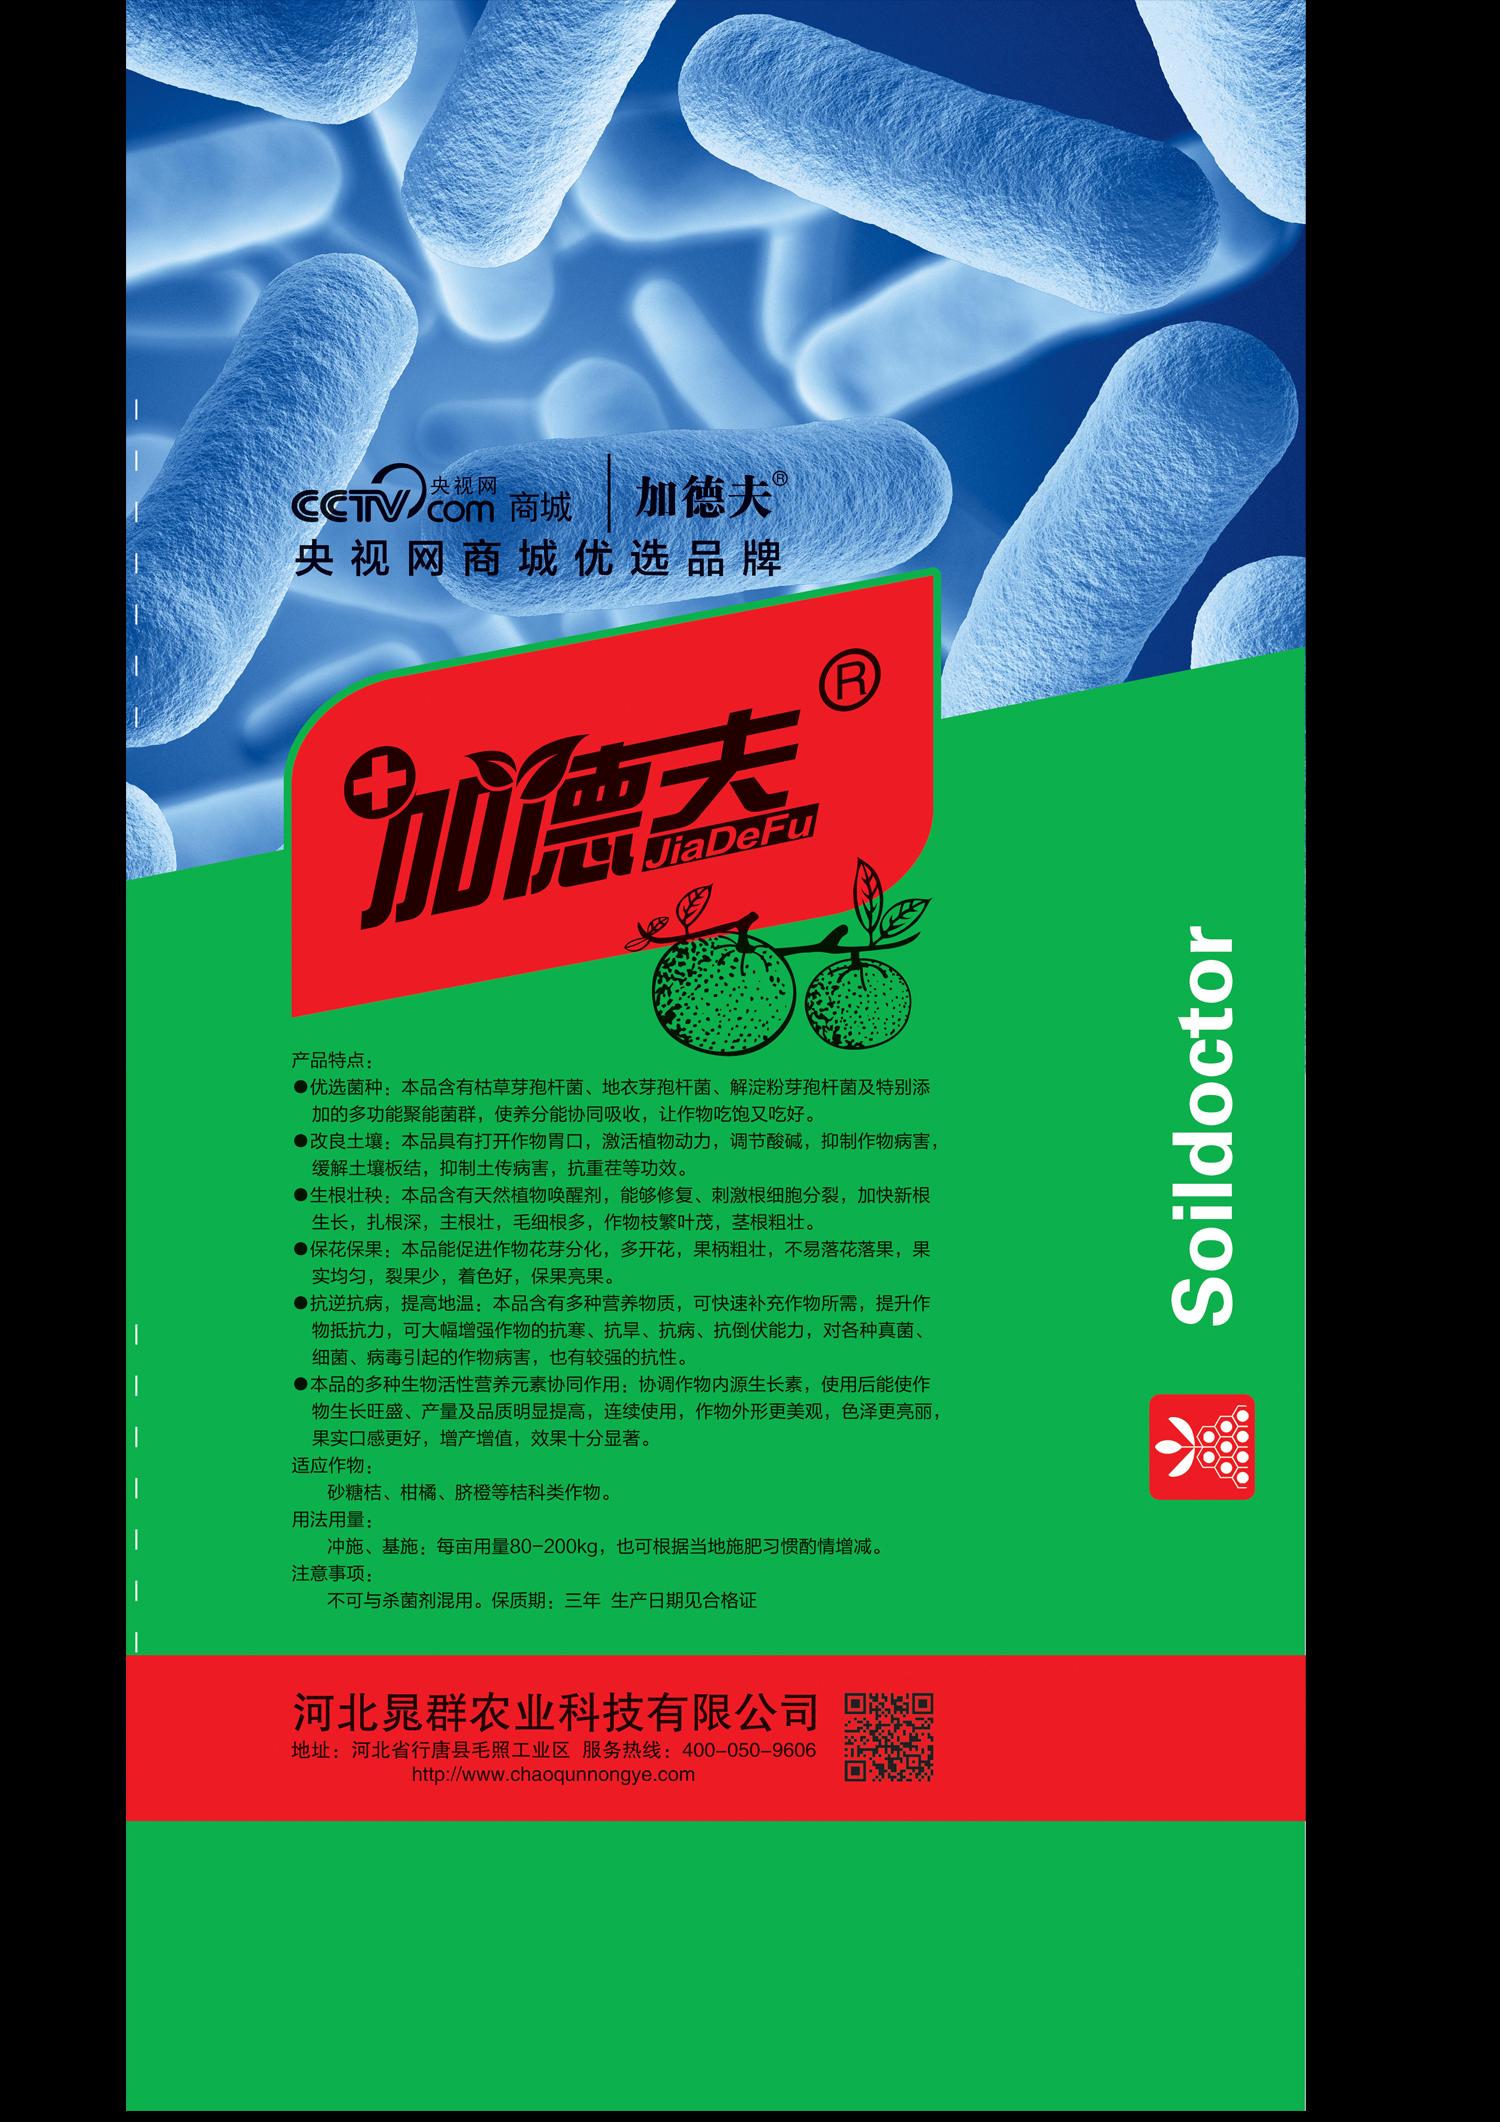 碳酶腐植酸生物肥料